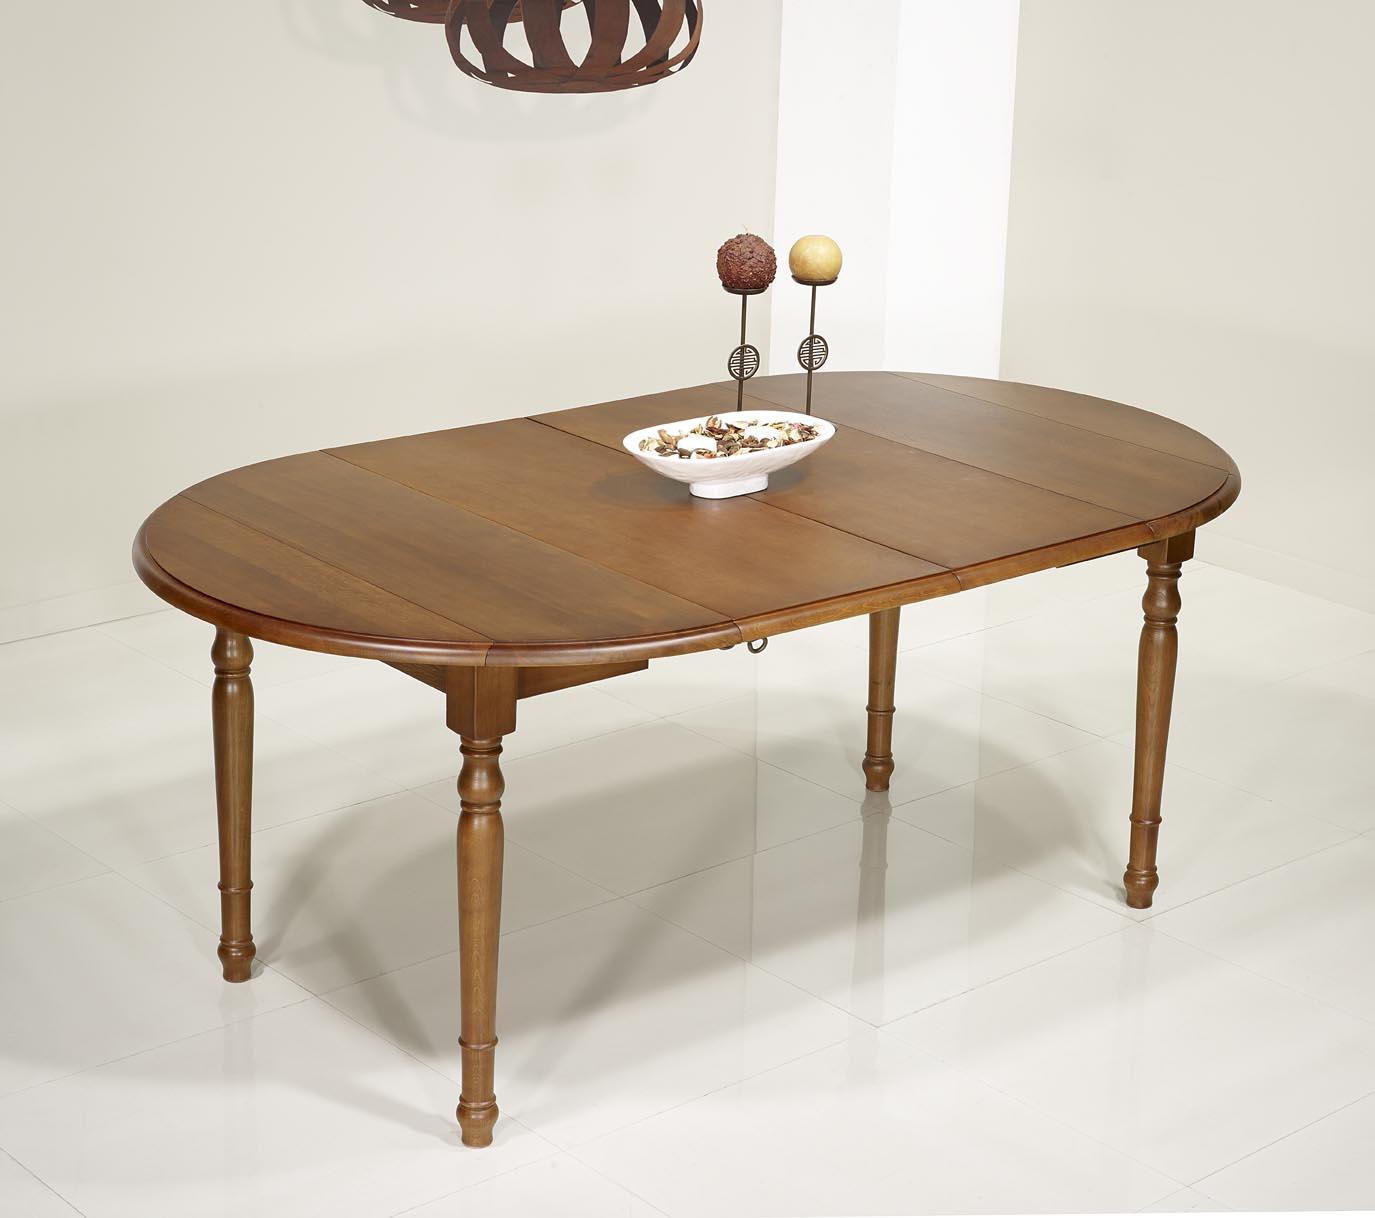 Table ronde volets simon en ch ne massif de style louis - Table ronde meuble ...